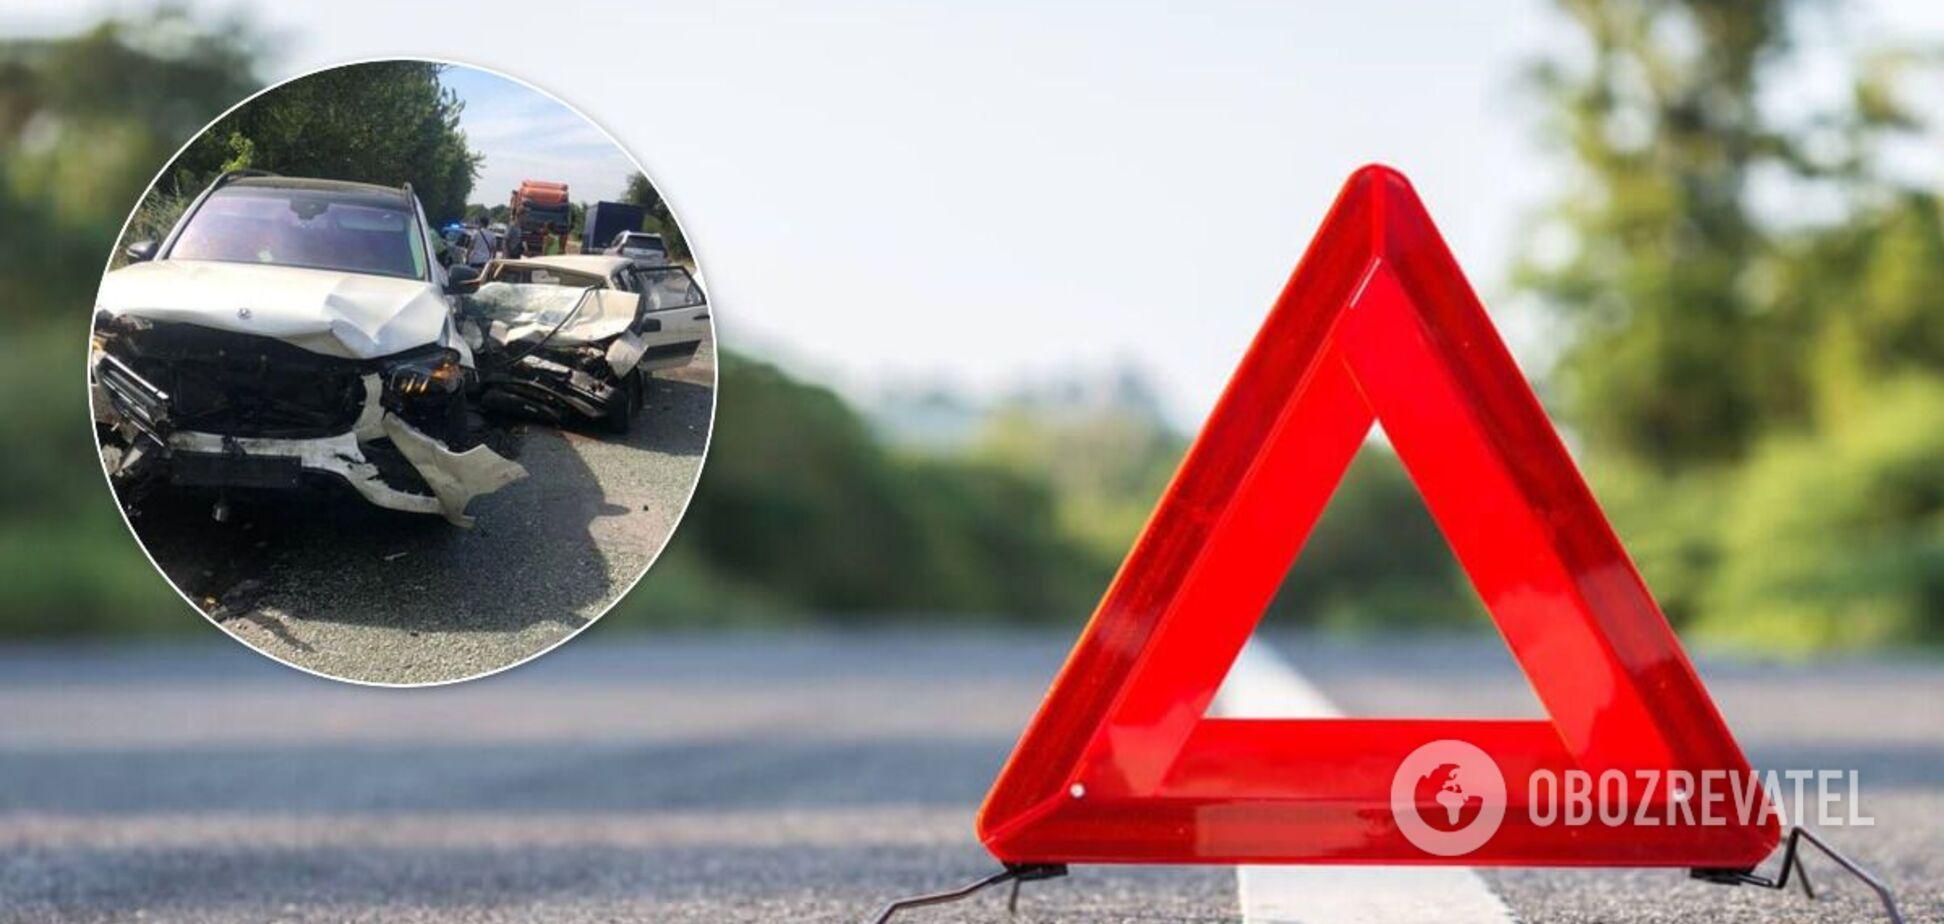 На Дніпропетровщині в ДТП загинули три людини. Фото і відео